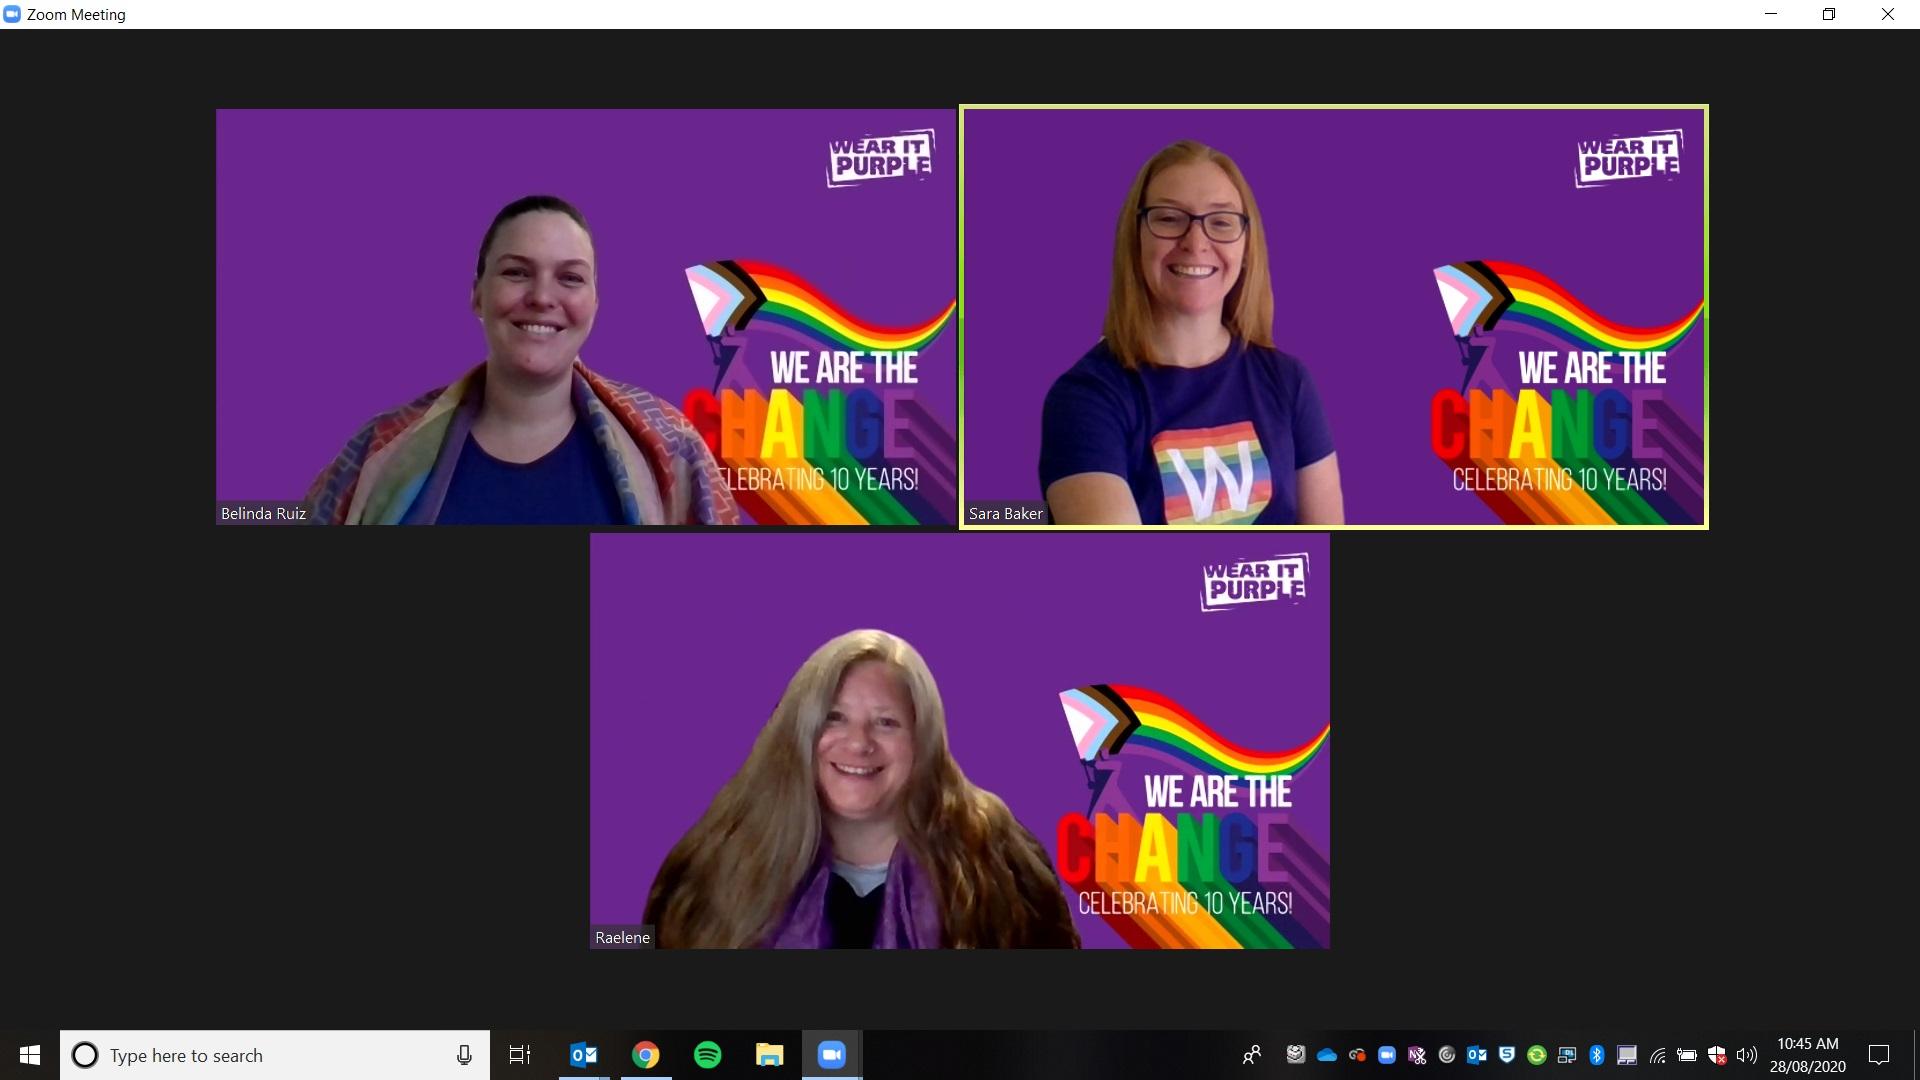 School of Math Wear It Purple 2020